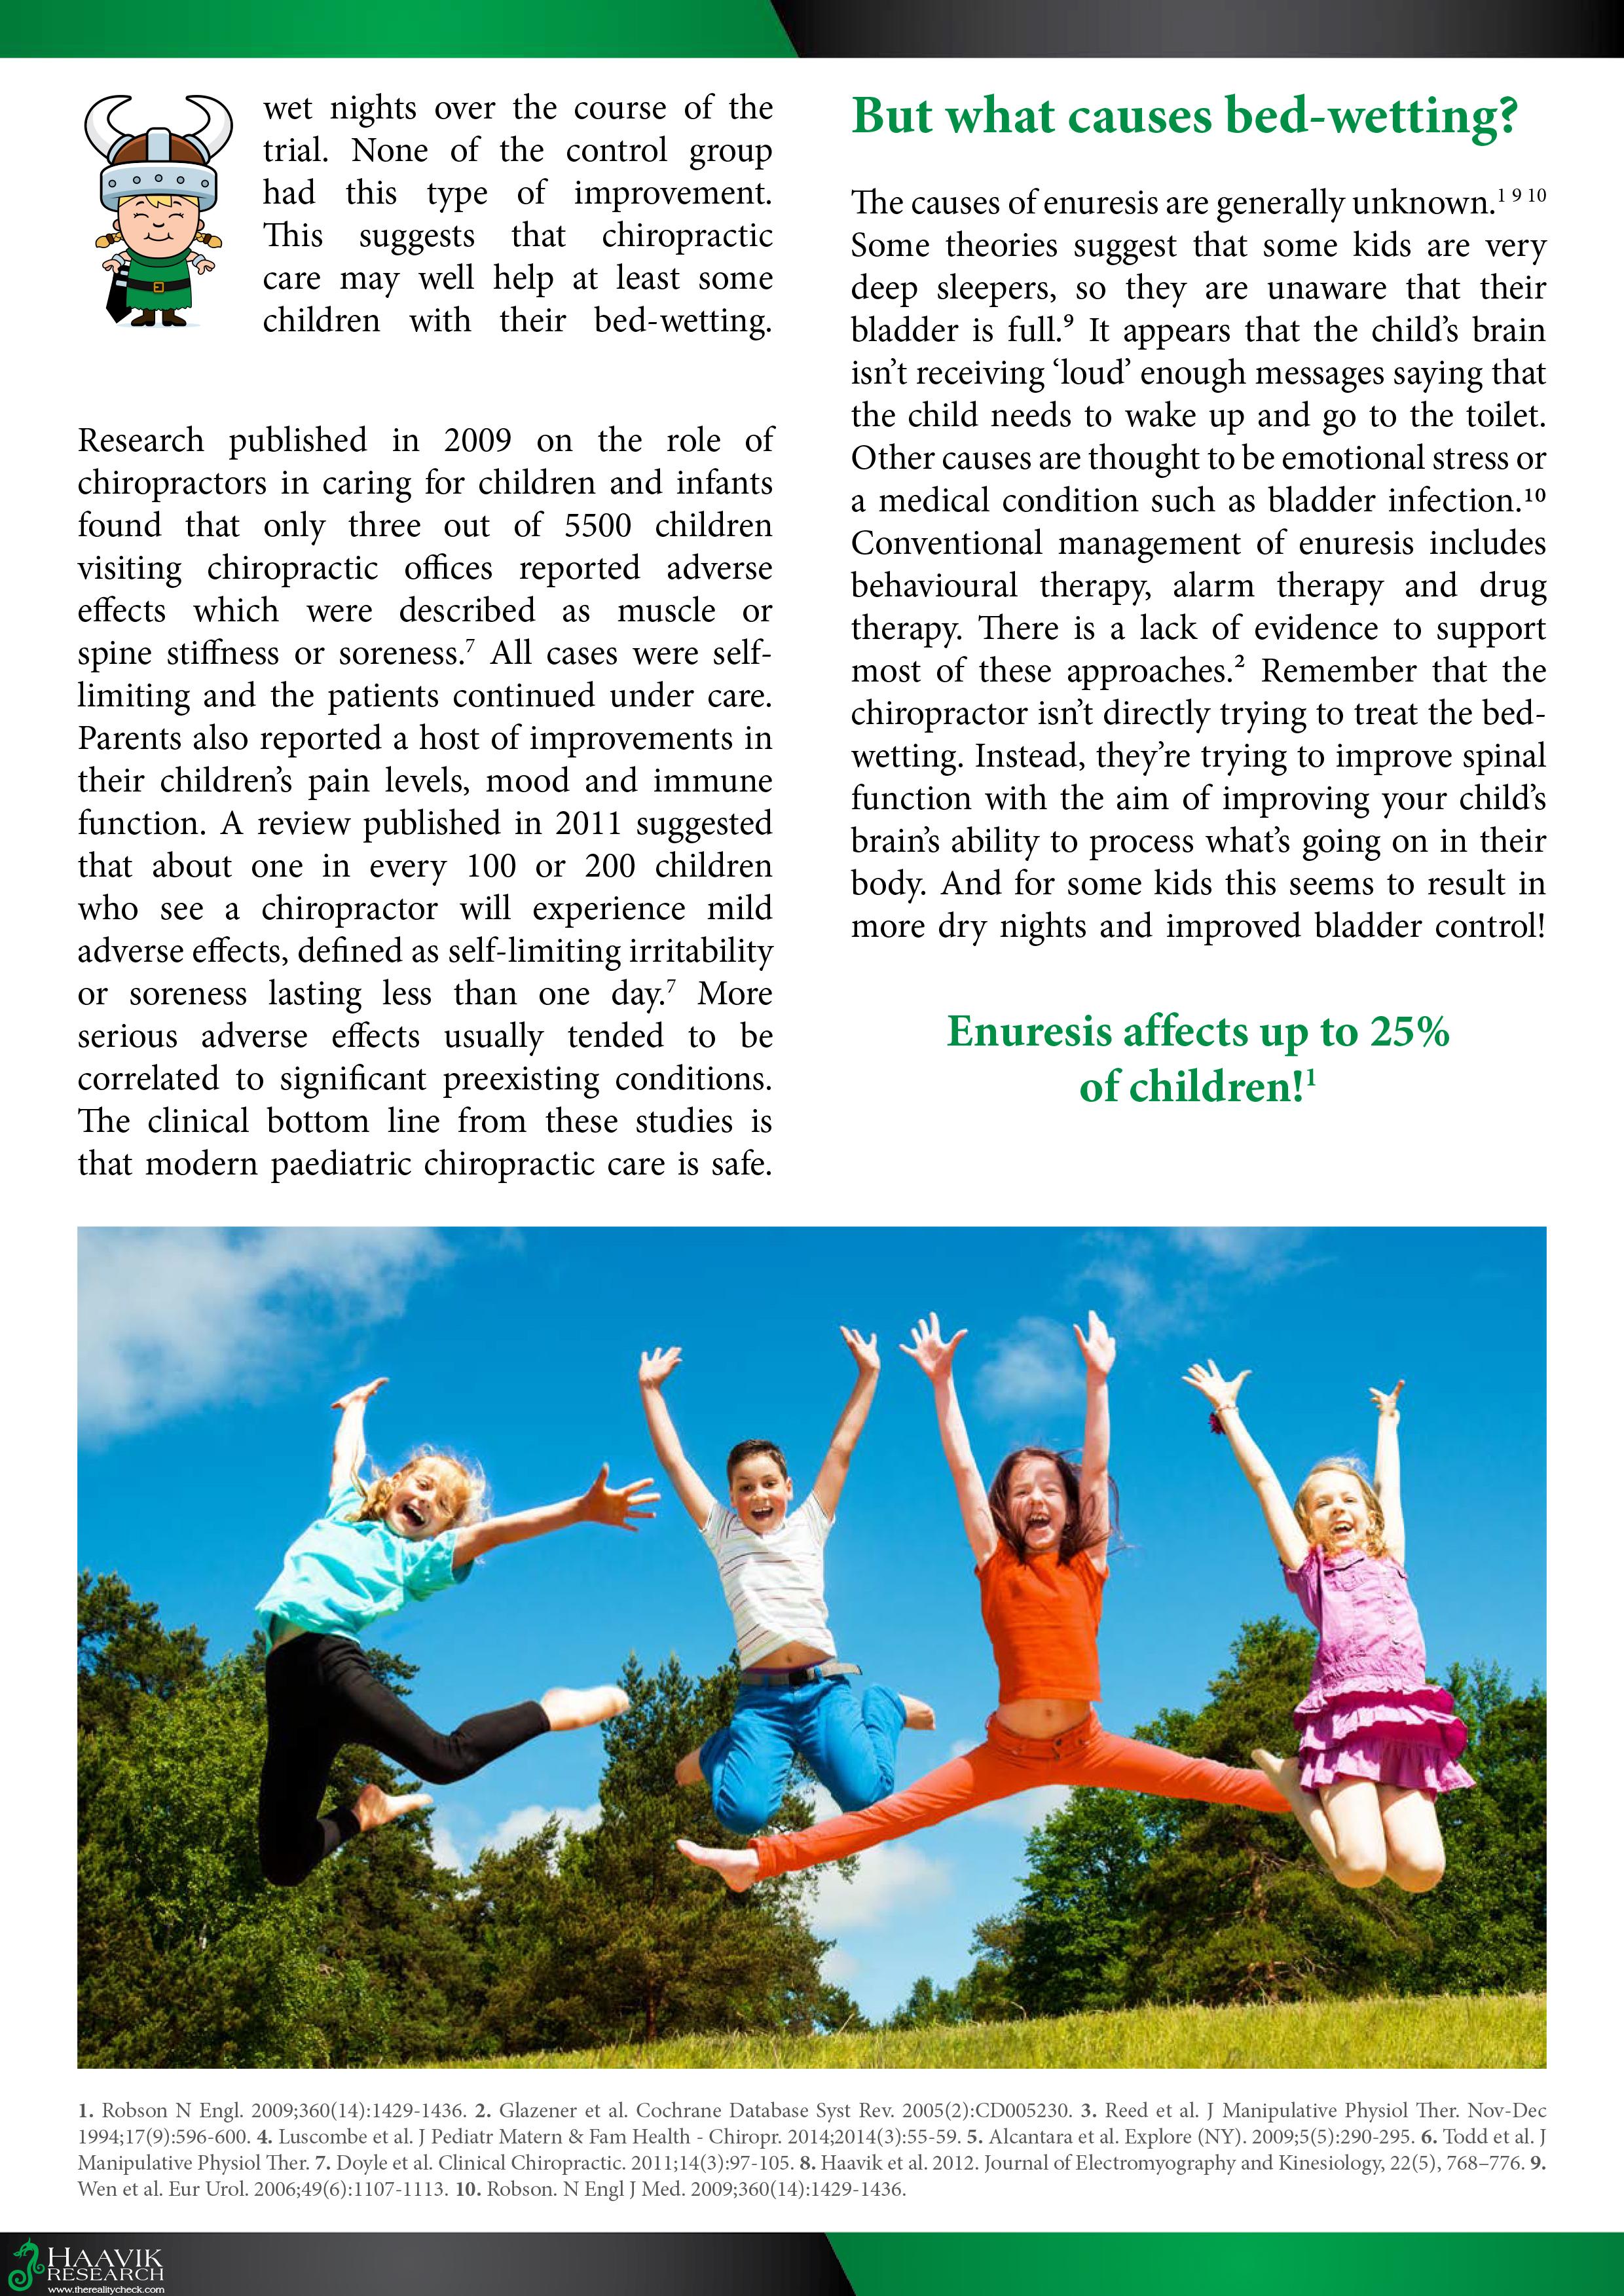 PublicArticle-Enuresis-1-2 copy.jpg